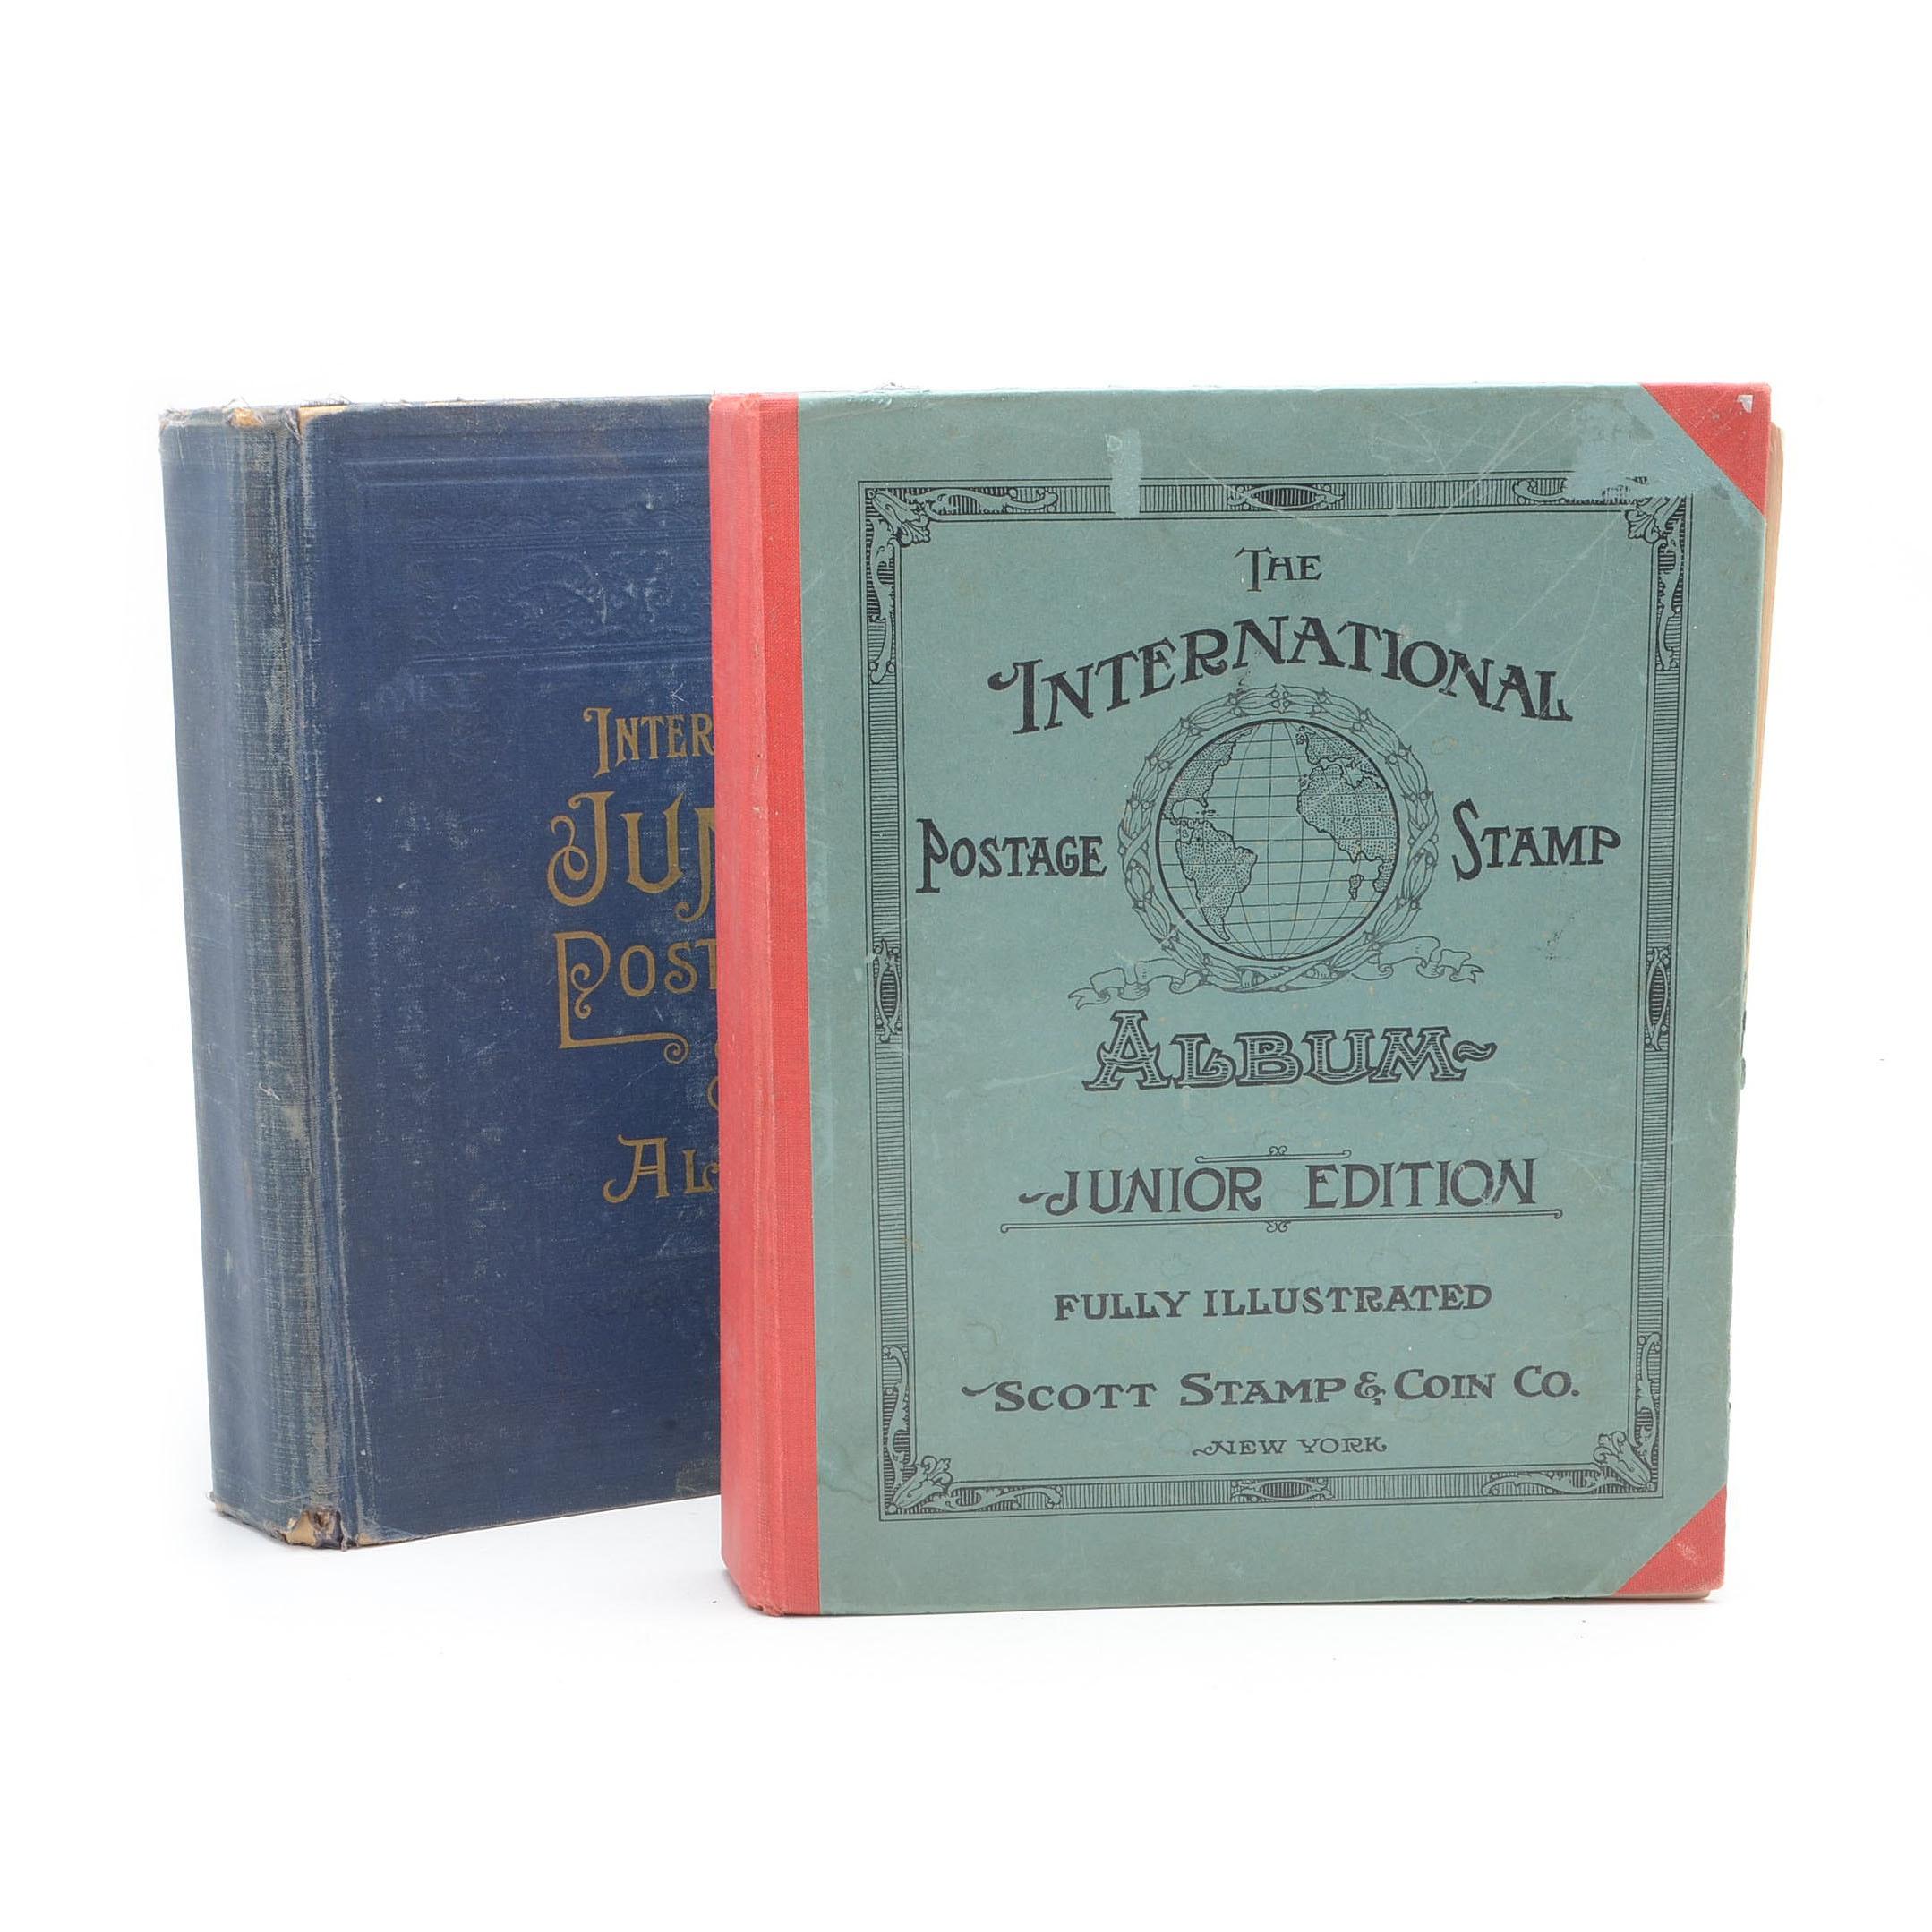 Pairing of Stamp Books